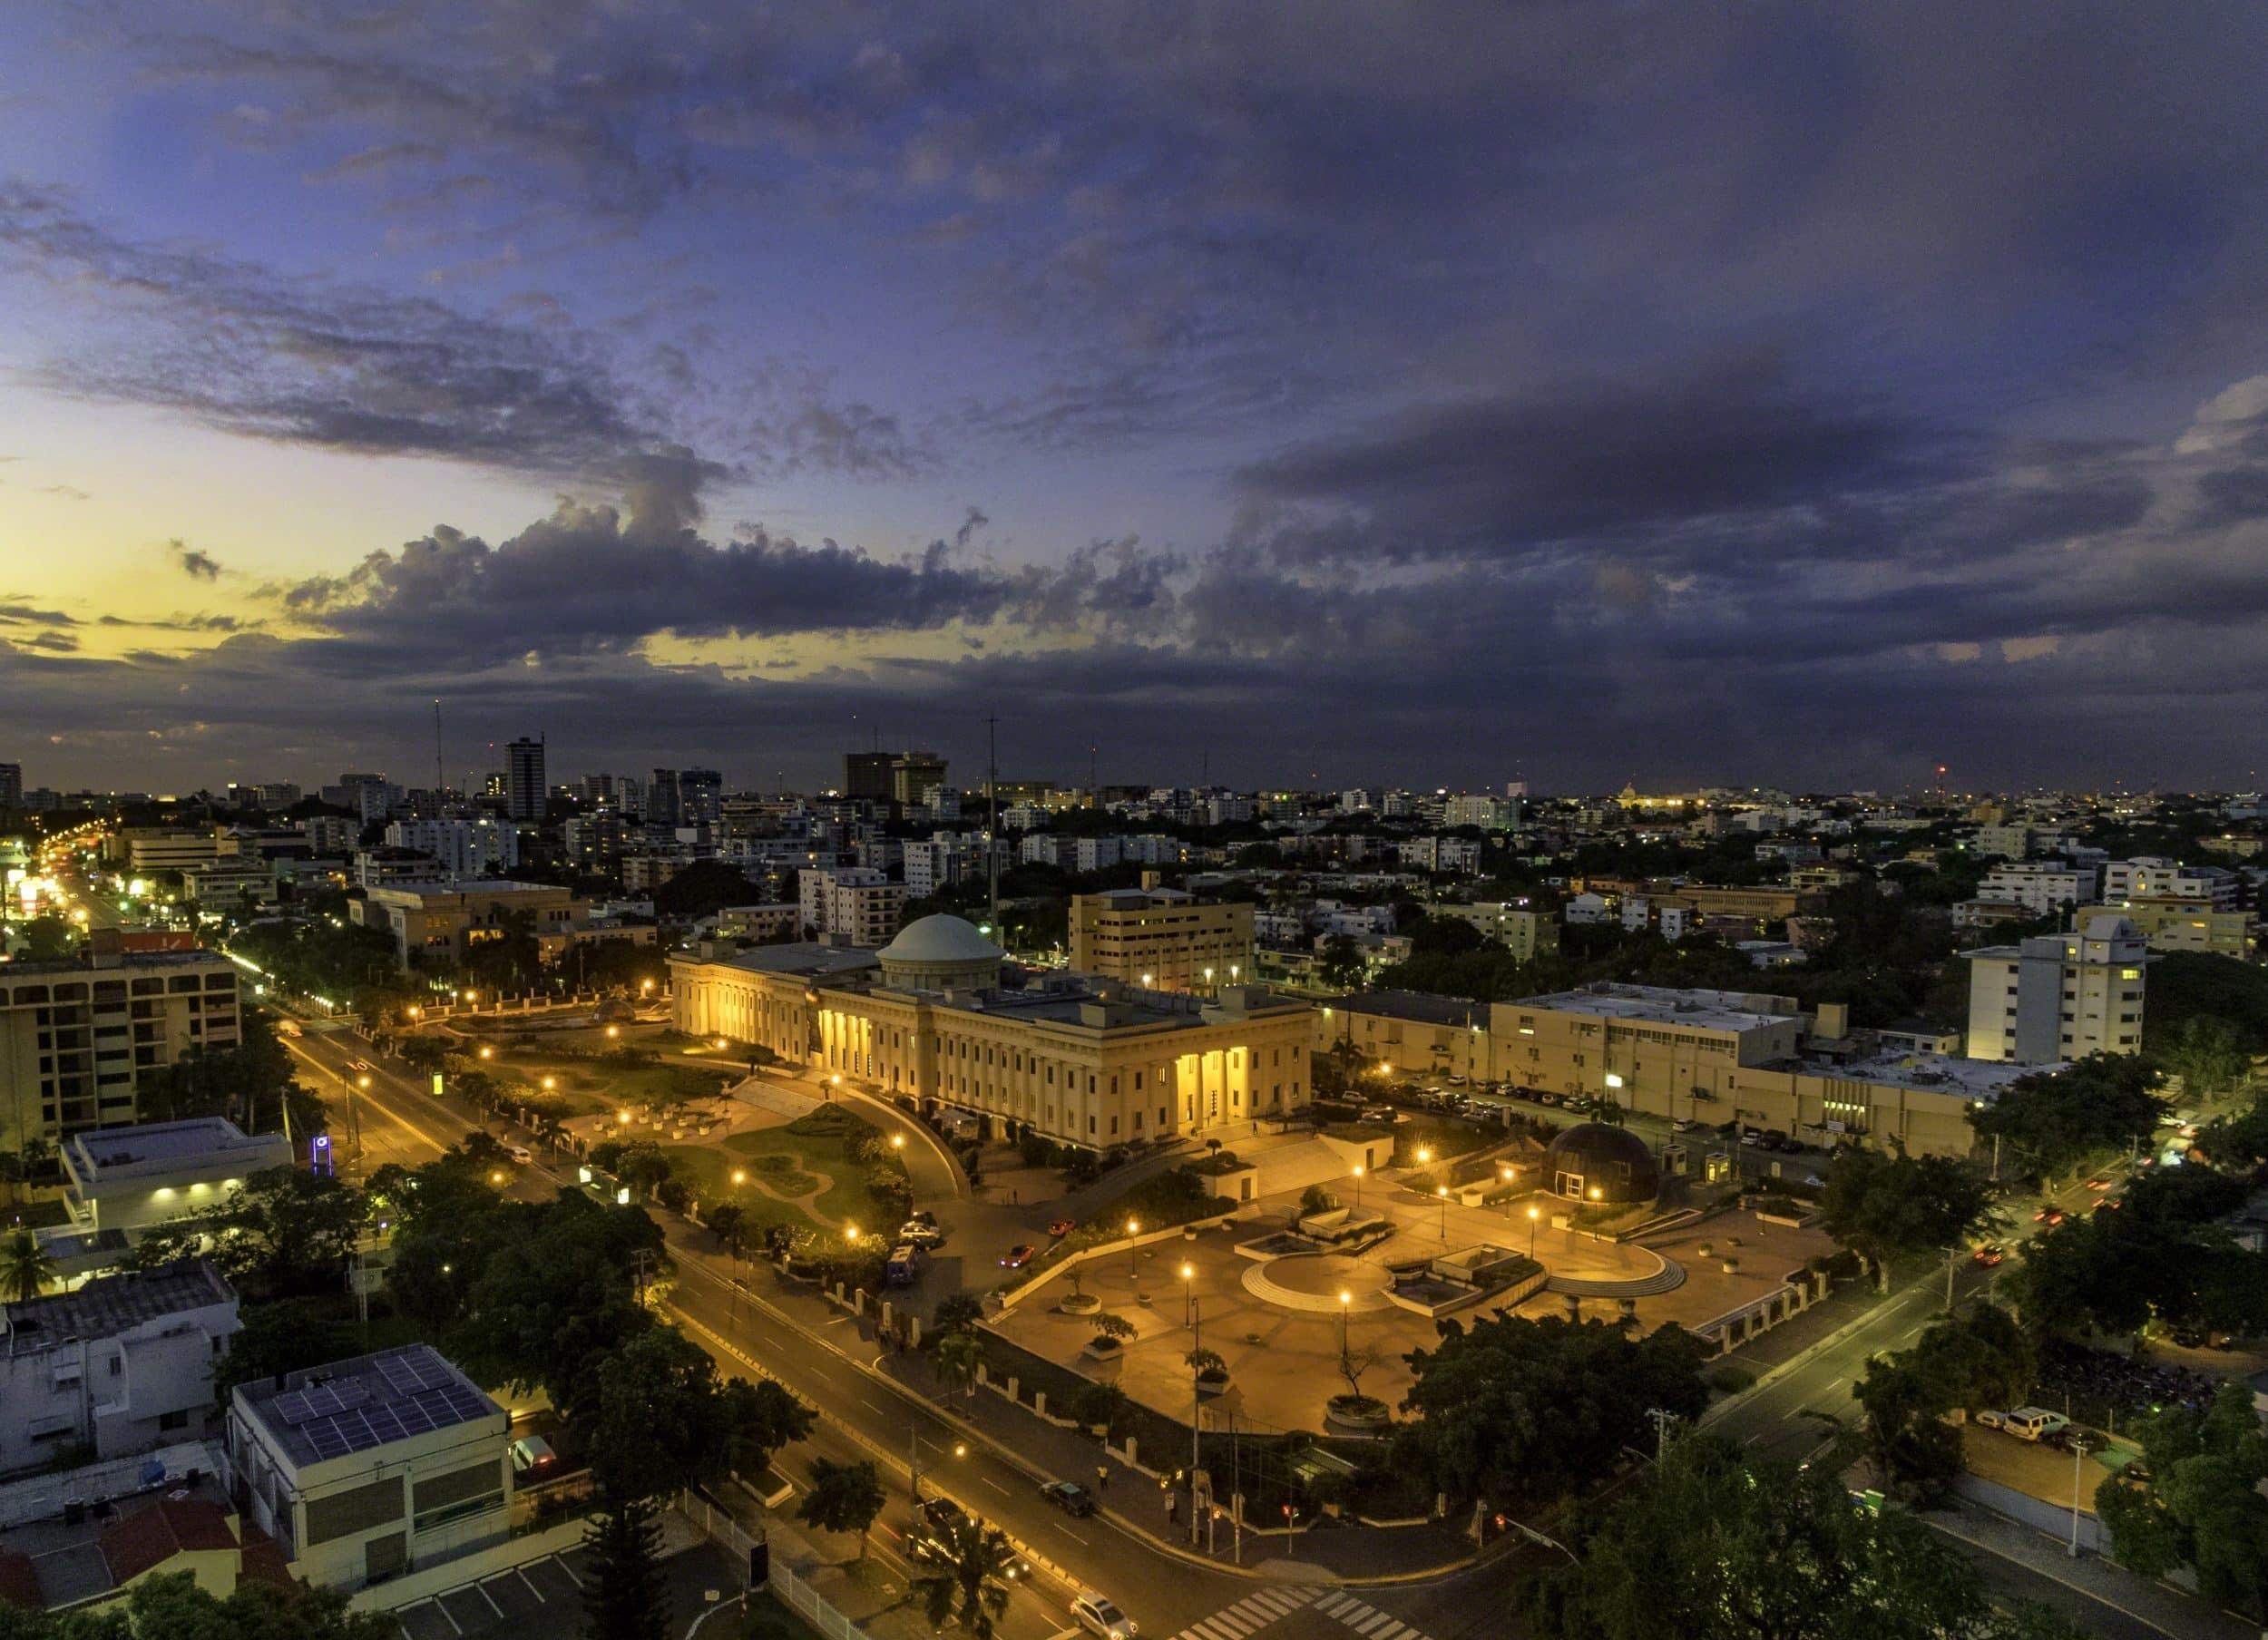 Palacio de Bellas Artes de noche